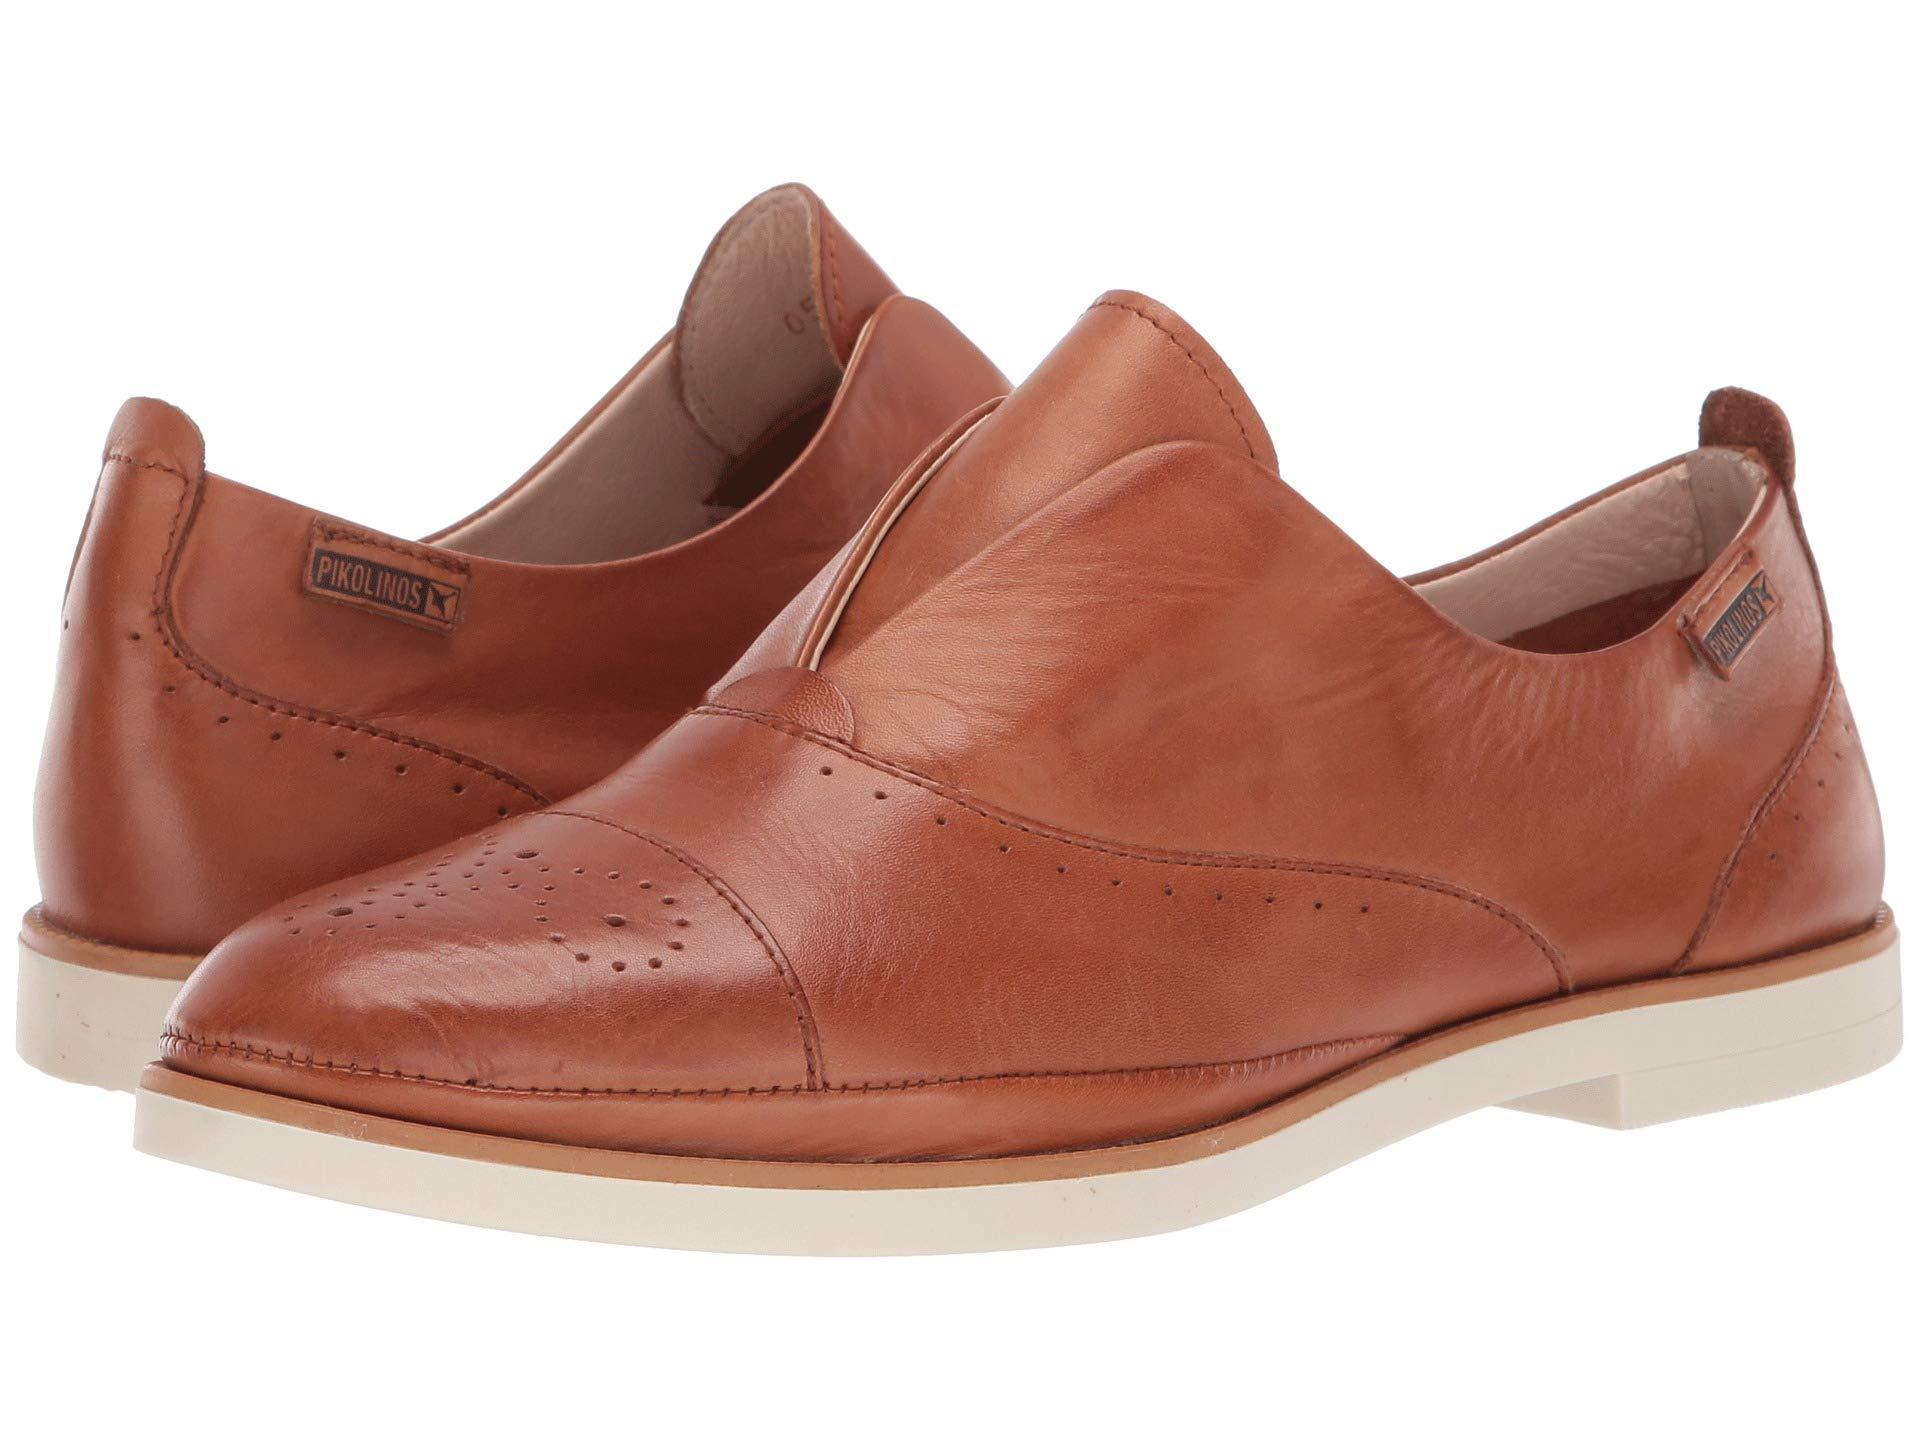 36b3b5c22ec Lyst - Pikolinos Santorini W3v-3696 (marfil) Women s Shoes